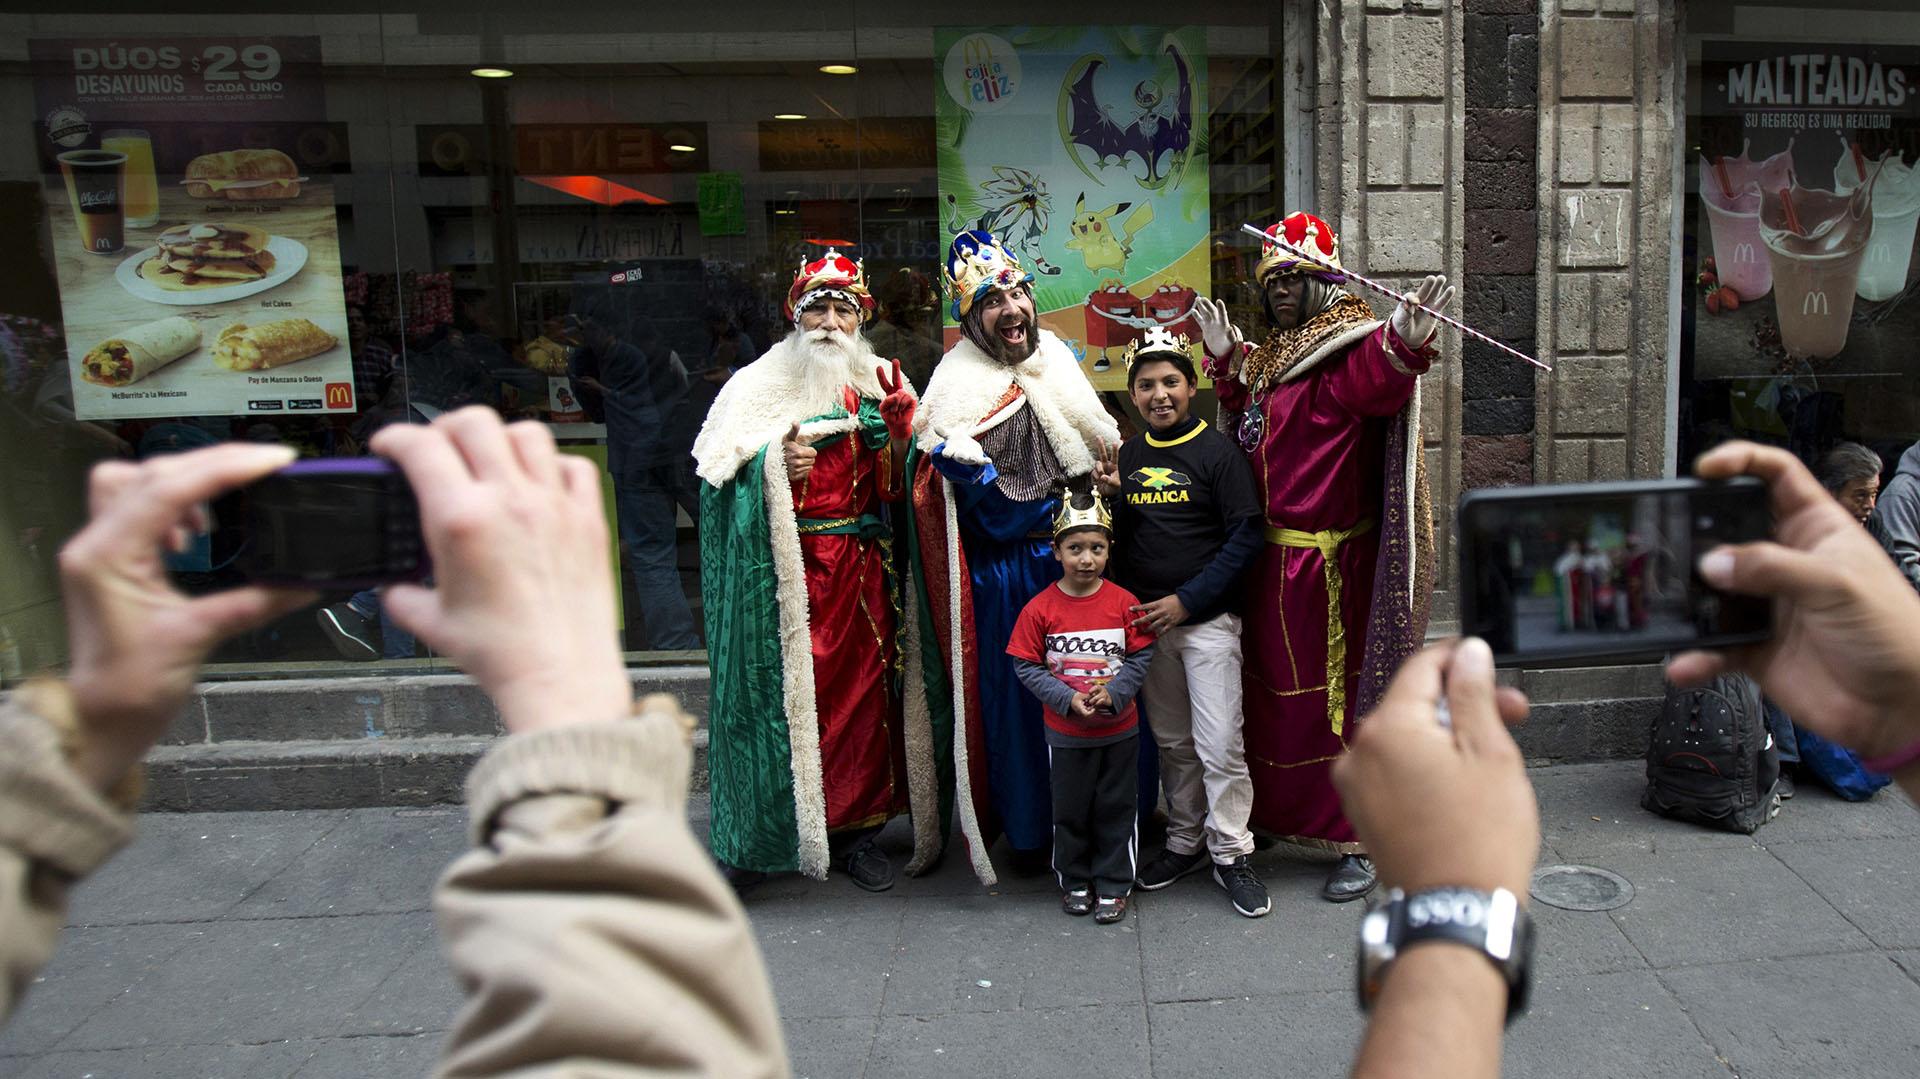 Los niños posan con artistas callejeros vestidos como los tres Reyes Magos, como parte de las celebraciones del Día de los Reyes Magos, en el centro histórico de la Ciudad de México (AP)